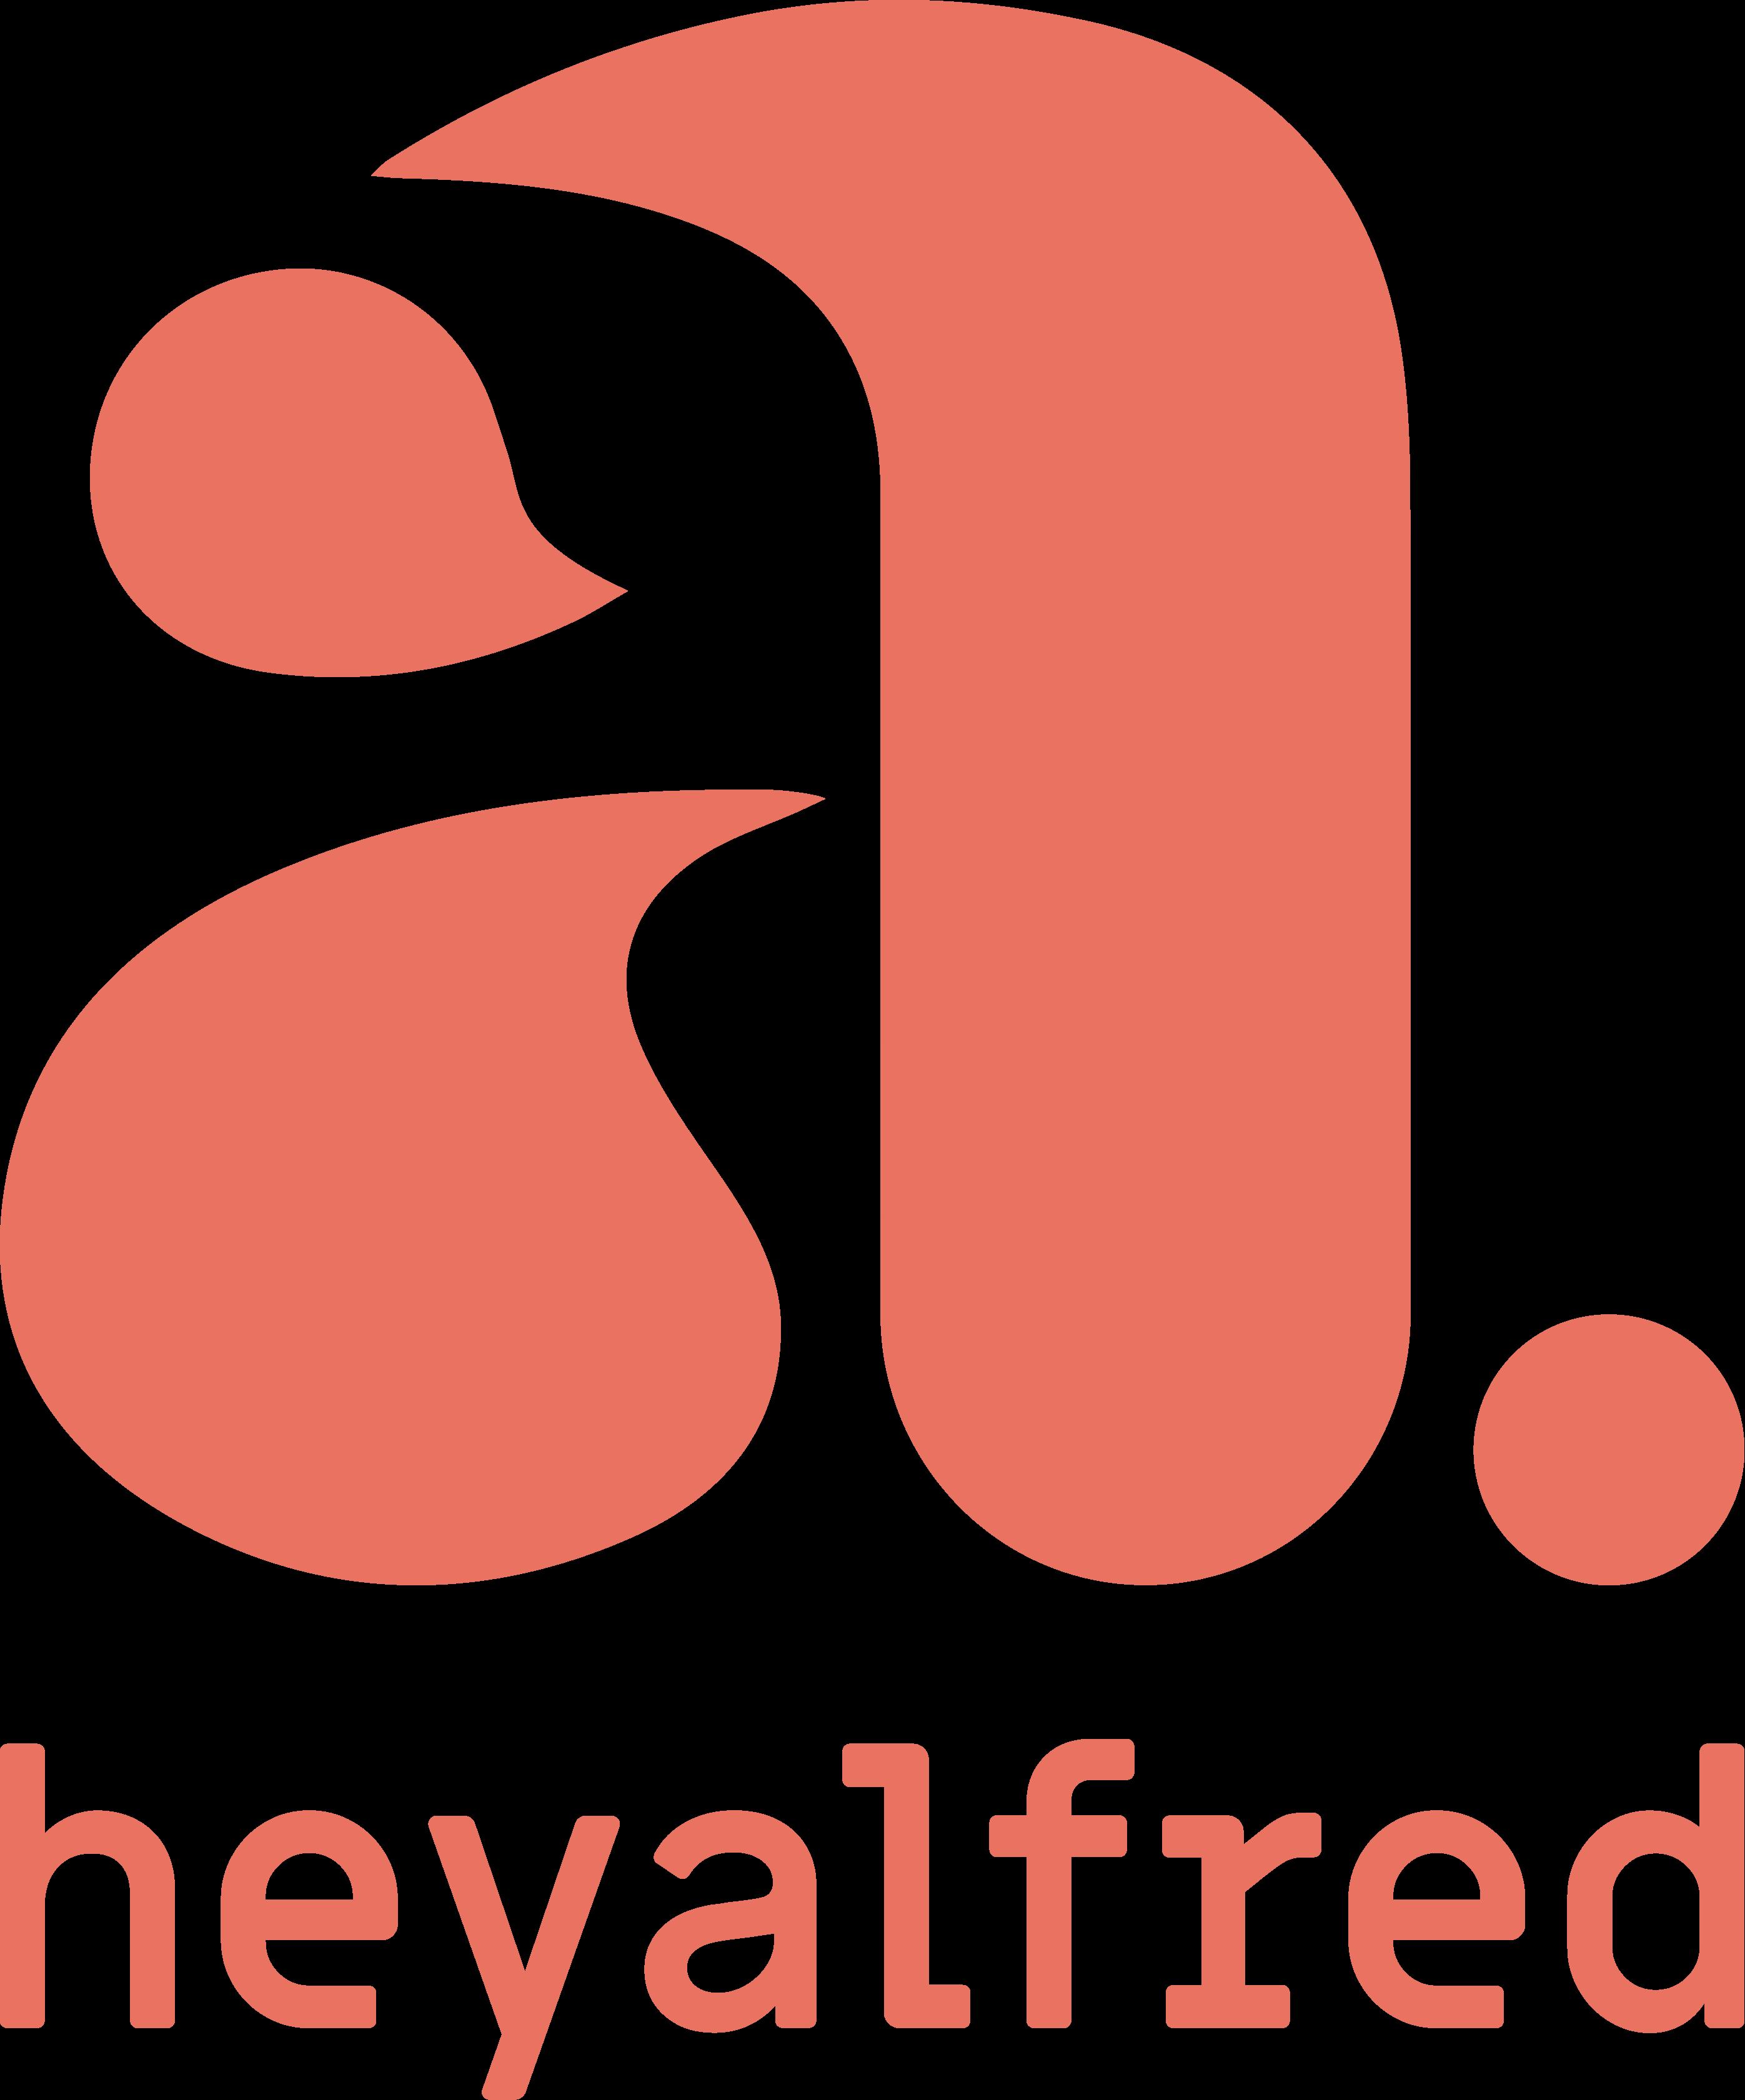 HeyAlfred